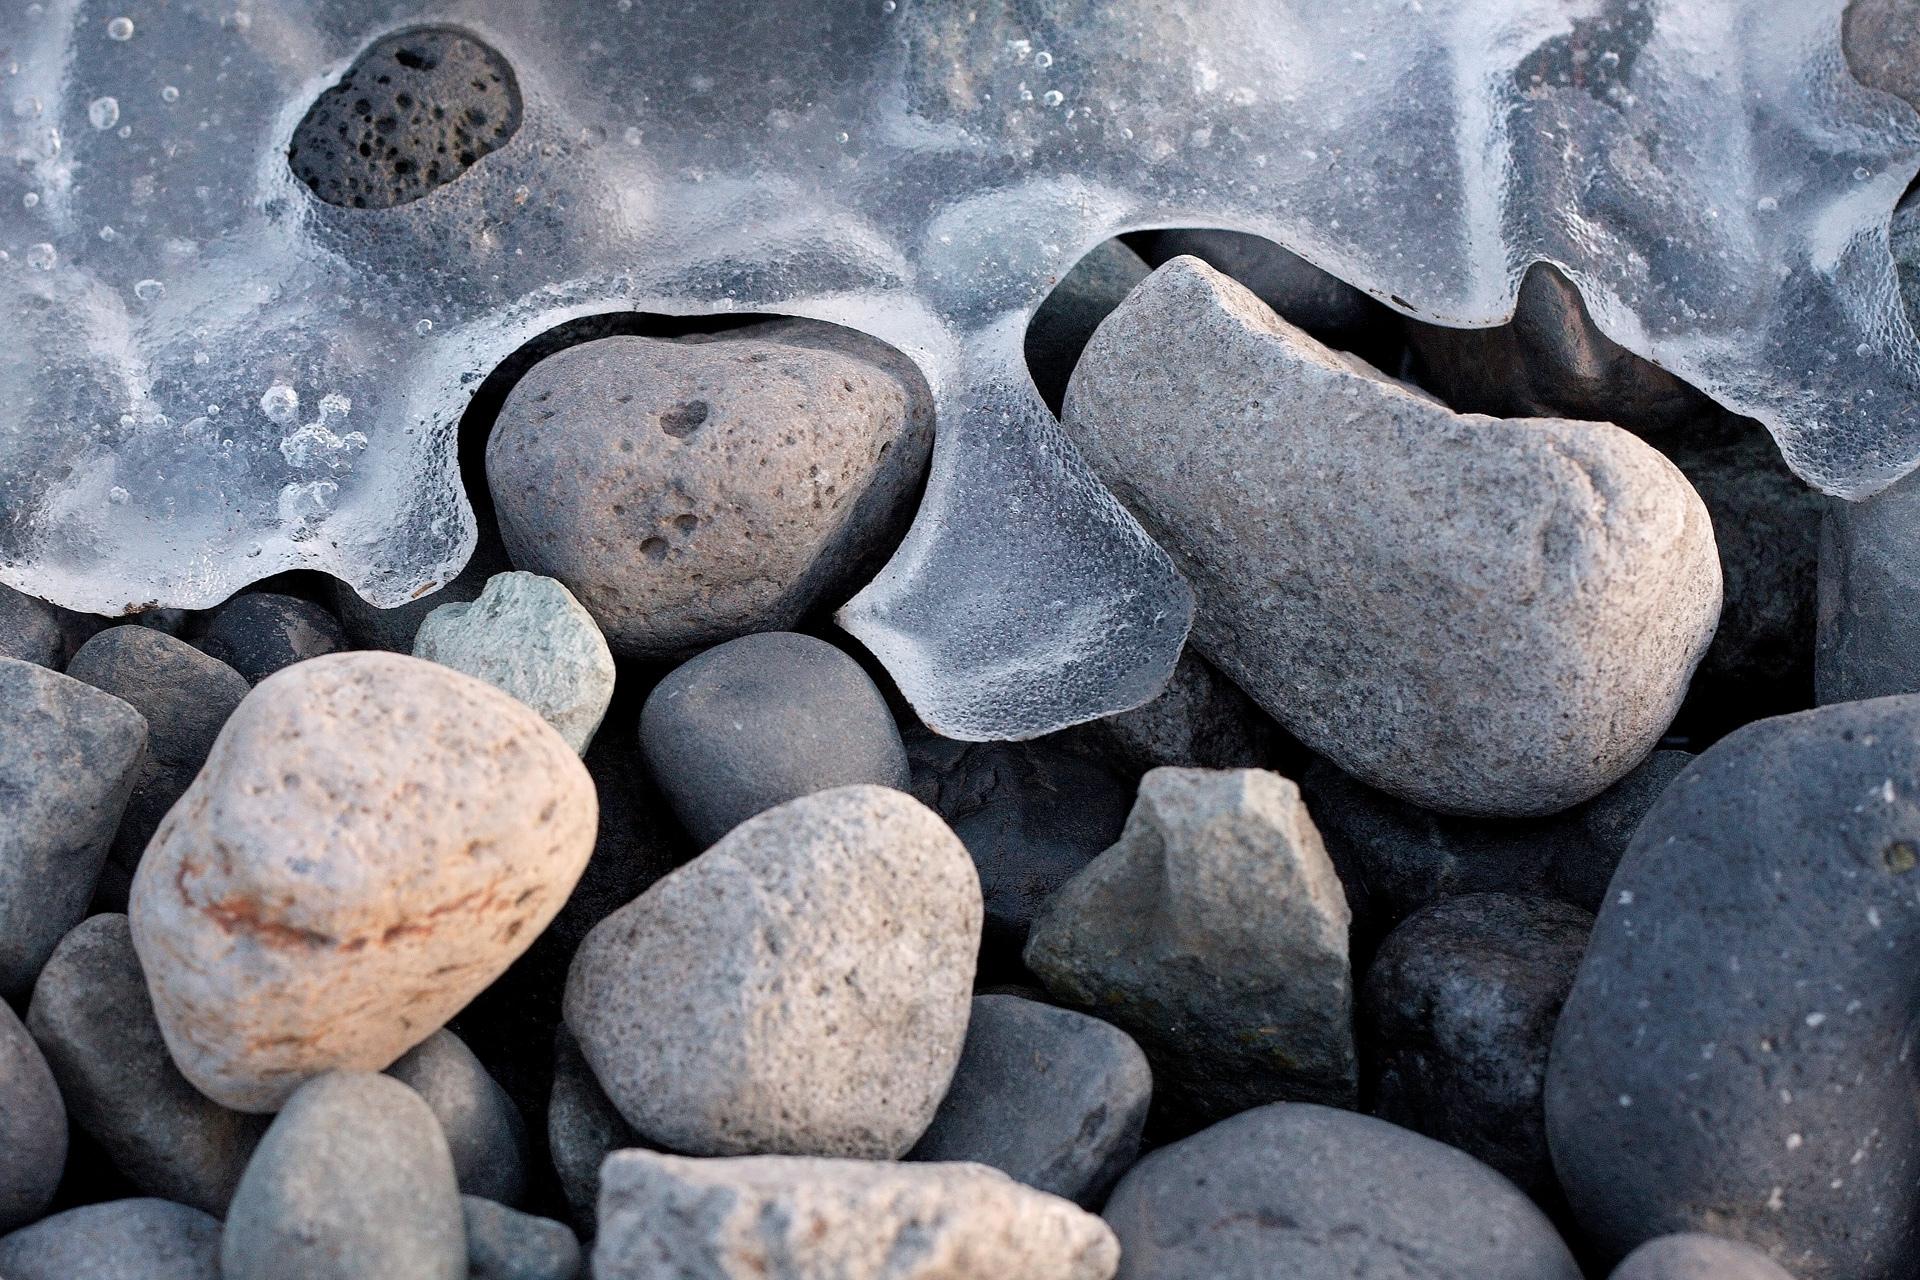 потому, день мужские камни в картинках виден значок еак